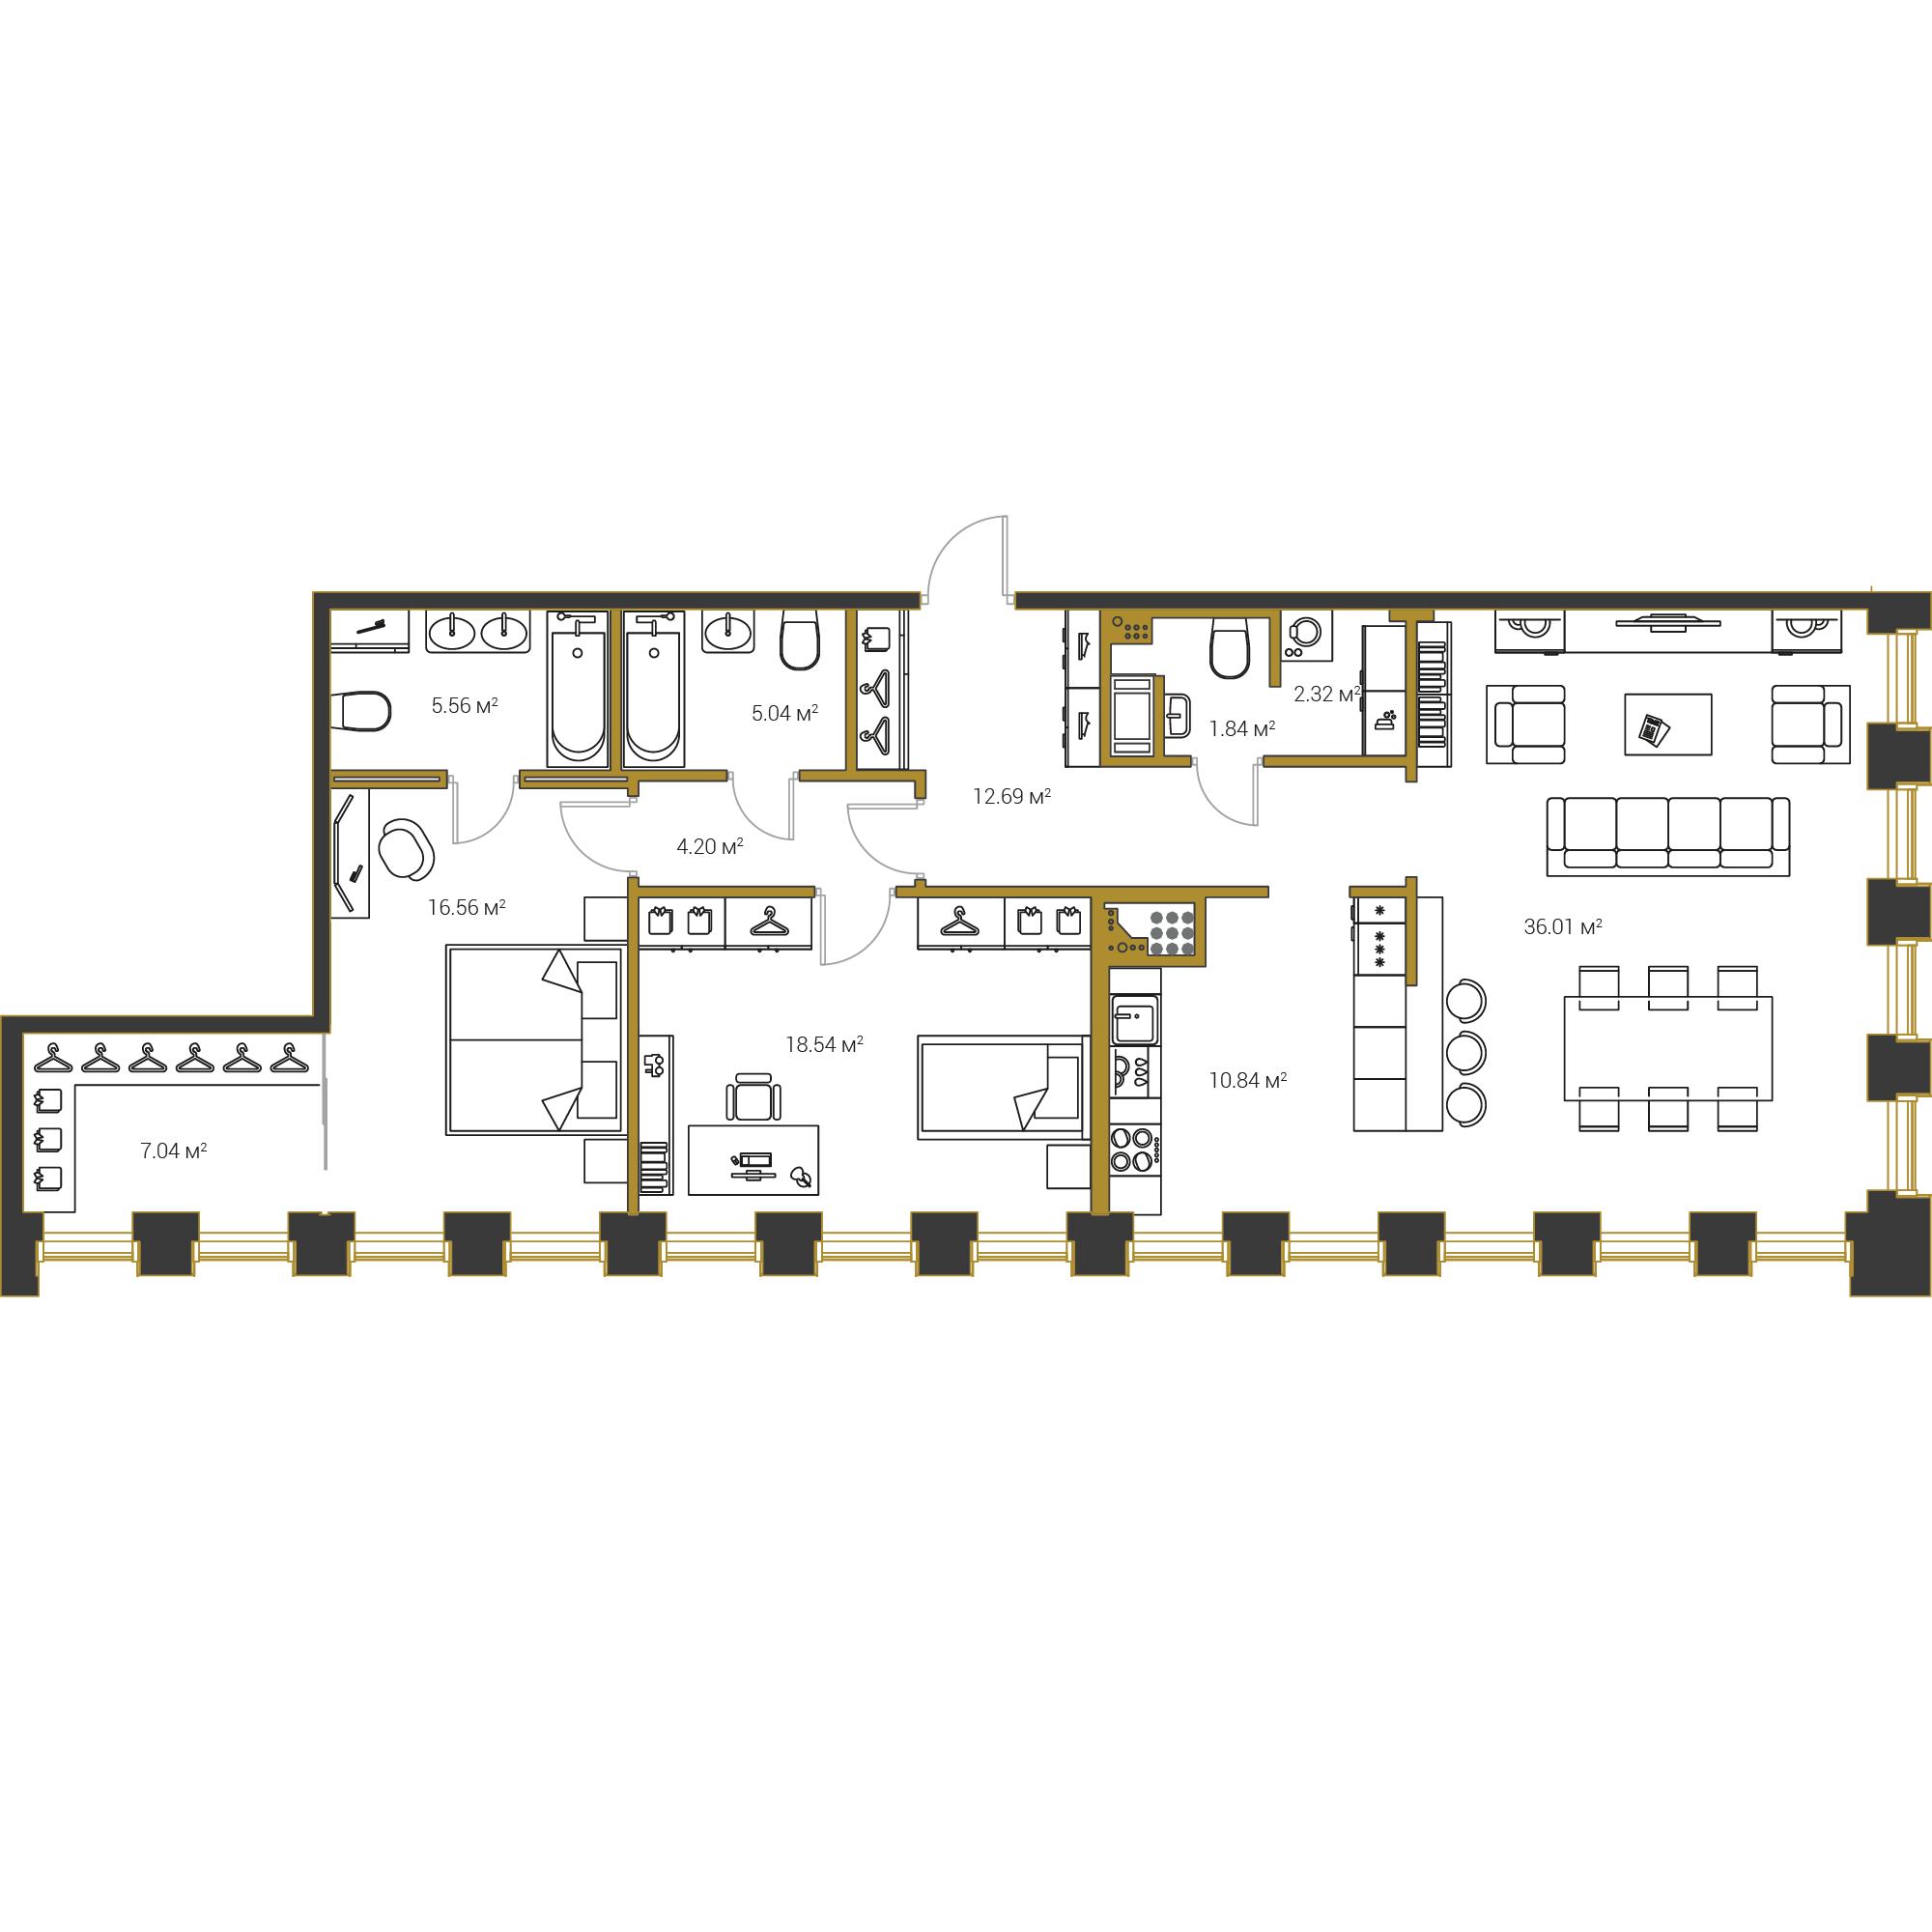 2-комнатная квартира №16 в: Институтский,16: 120.64 м²; этаж: 9 - купить в Санкт-Петербурге